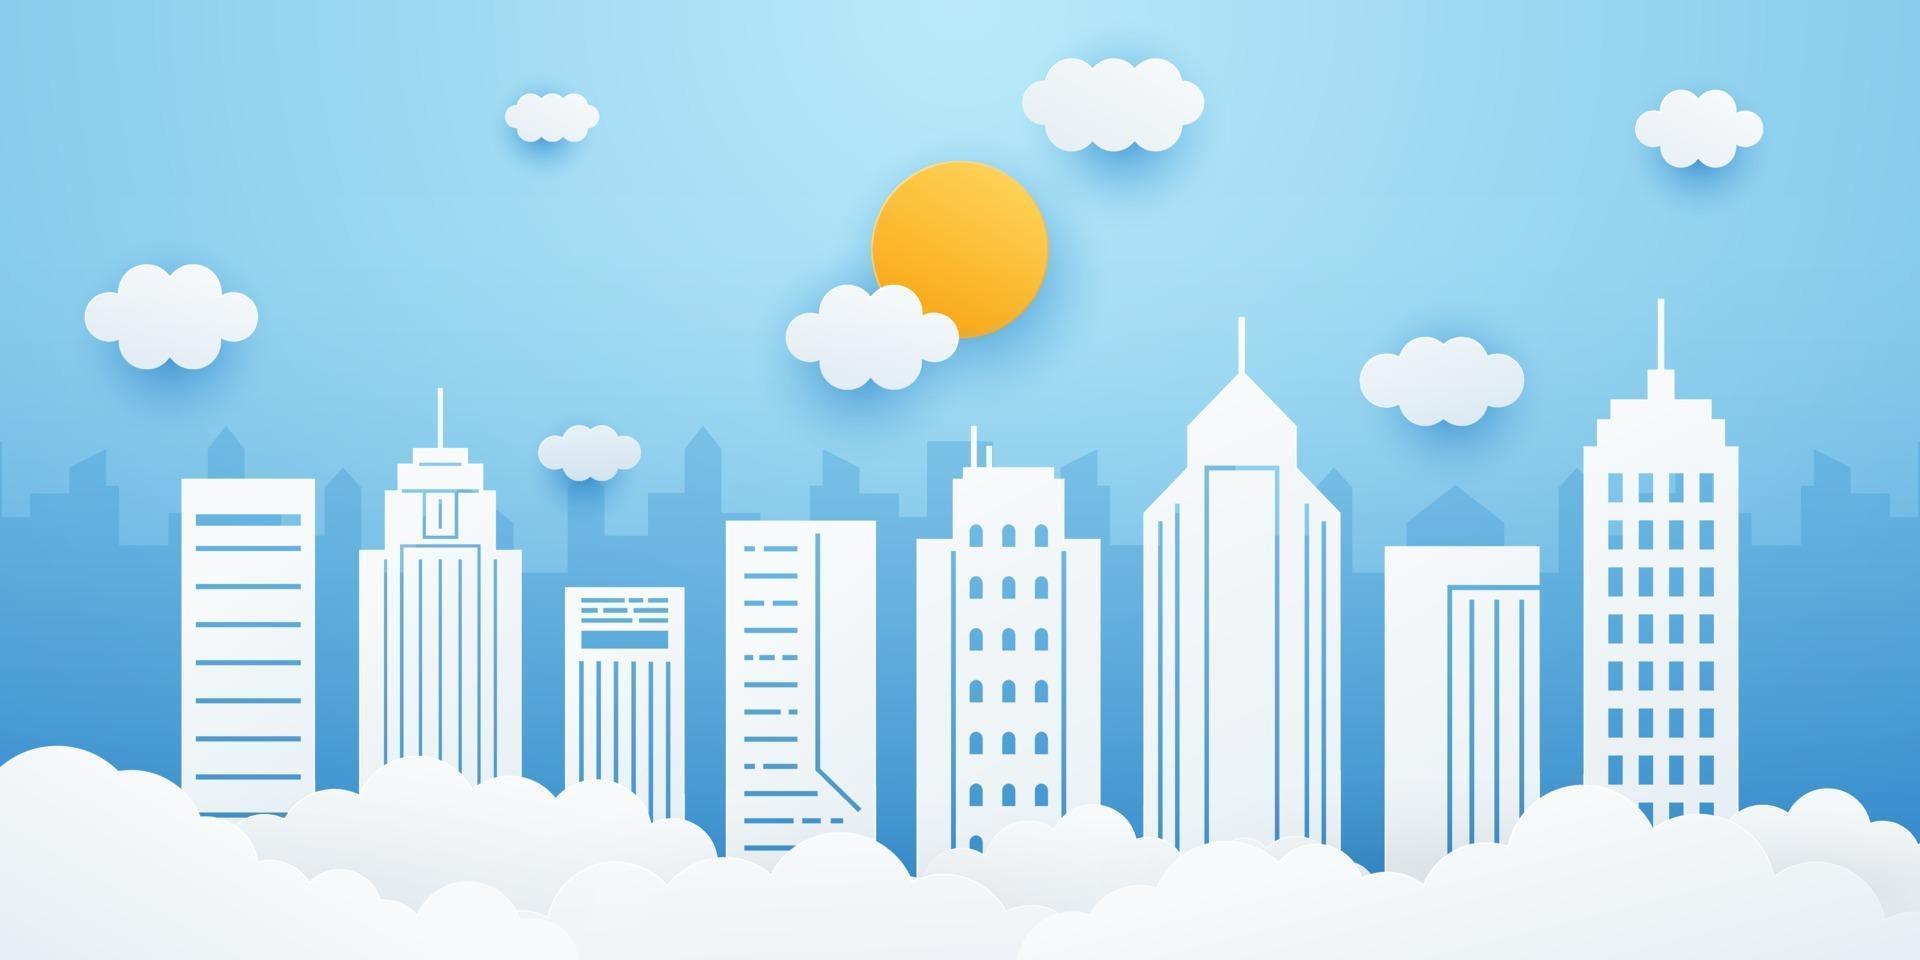 stadslandskap med byggnad, moln och sol på blå himmelbakgrund. stadsbild i pappersskuren stil. vektor illustration.